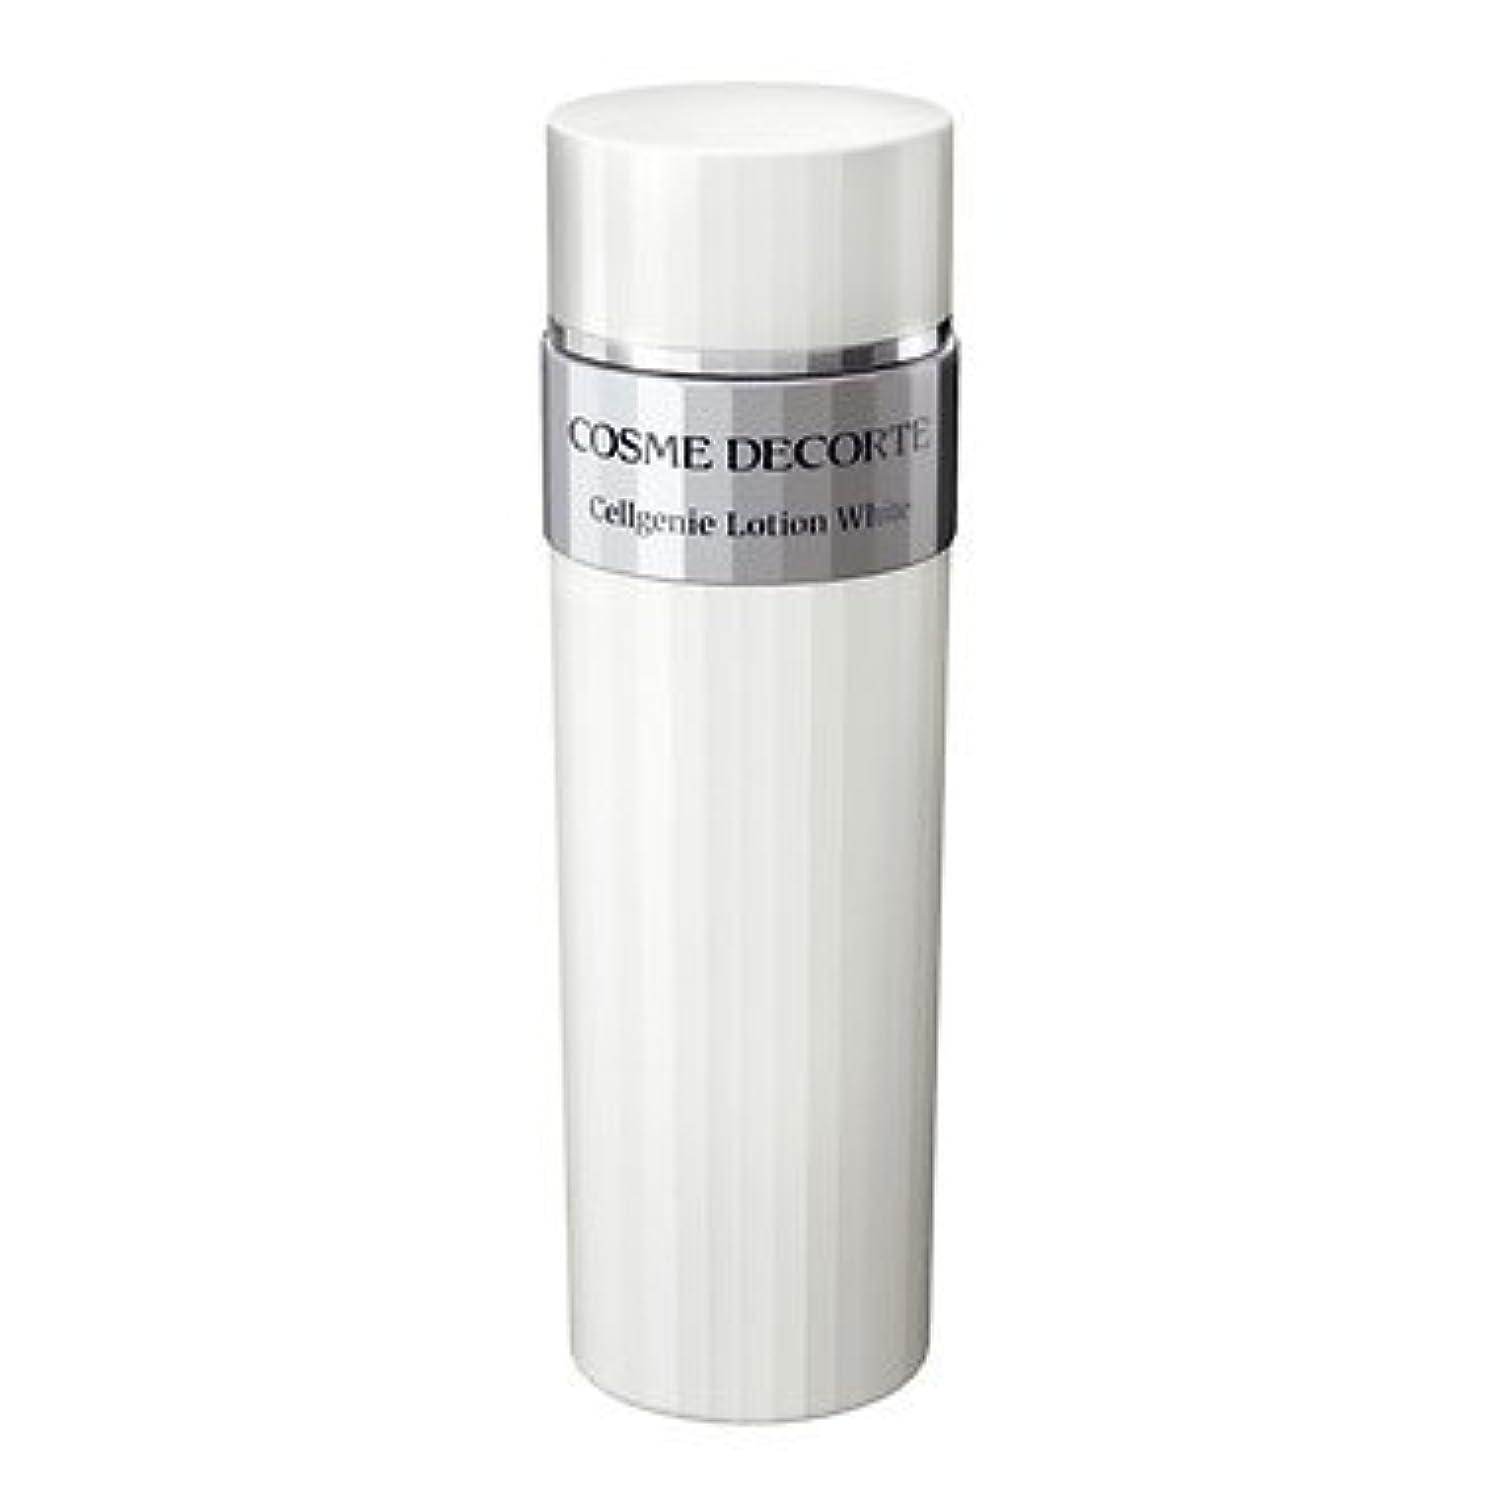 のヒープ洪水エンドテーブルCOSME DECORTE コーセー/KOSE セルジェニーローションホワイト 200ml [362916] [並行輸入品]